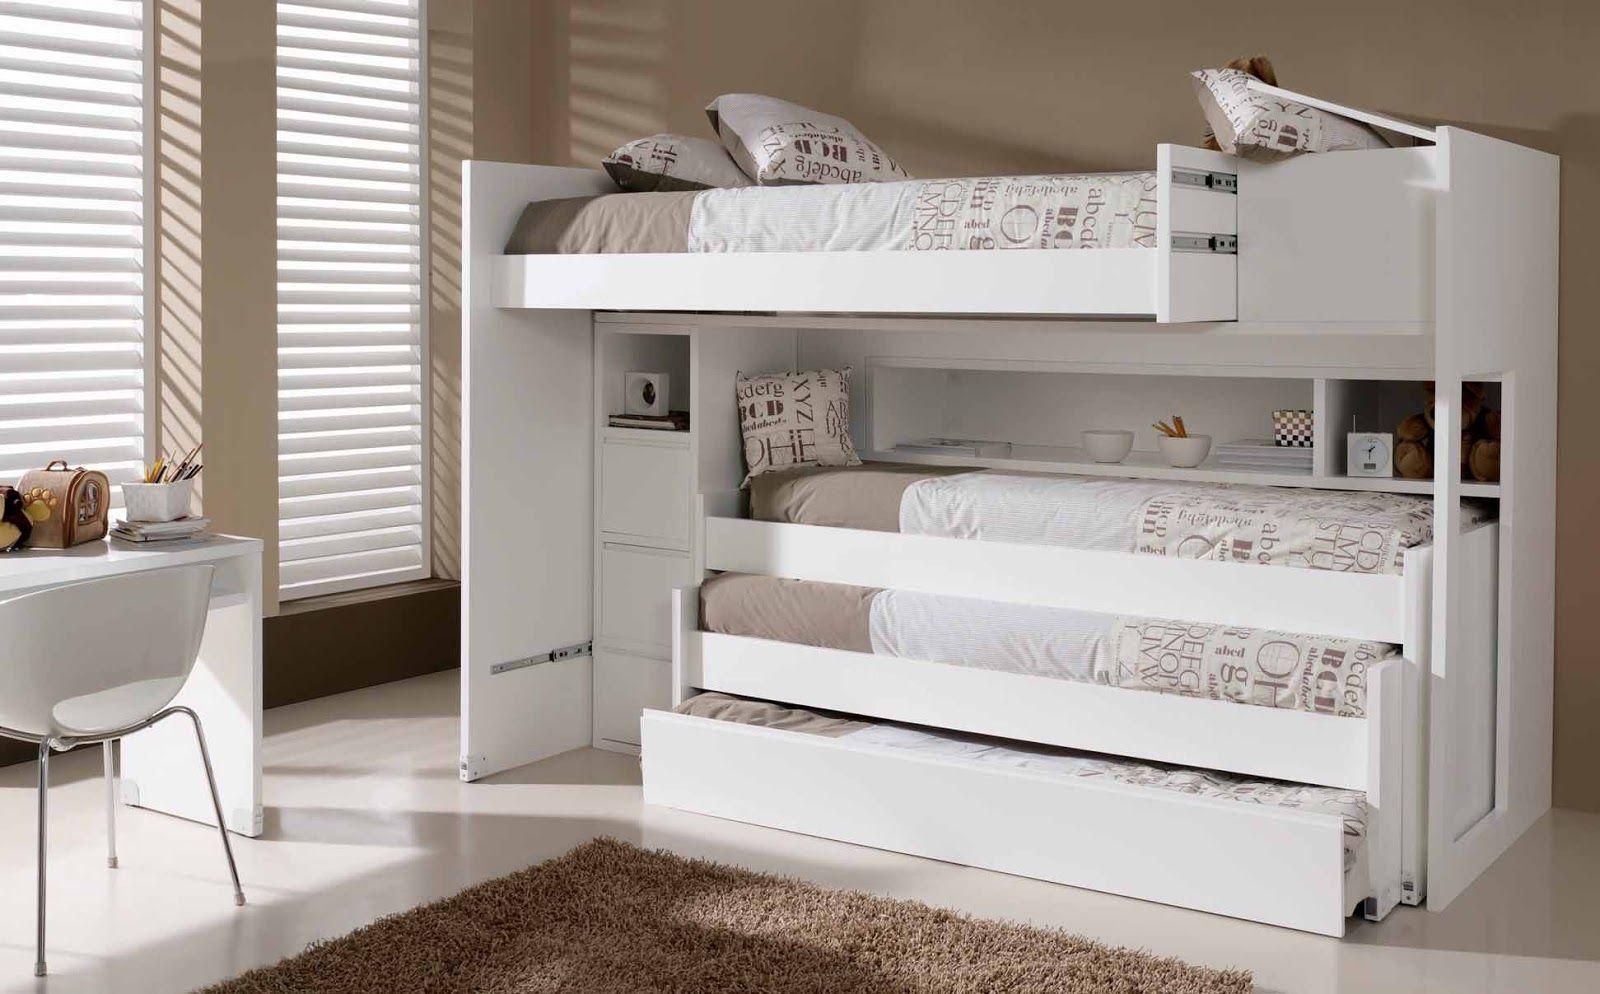 Cama tren de 4 camas lacado en blanco sin colchones 3 - Literas lacadas en blanco ...